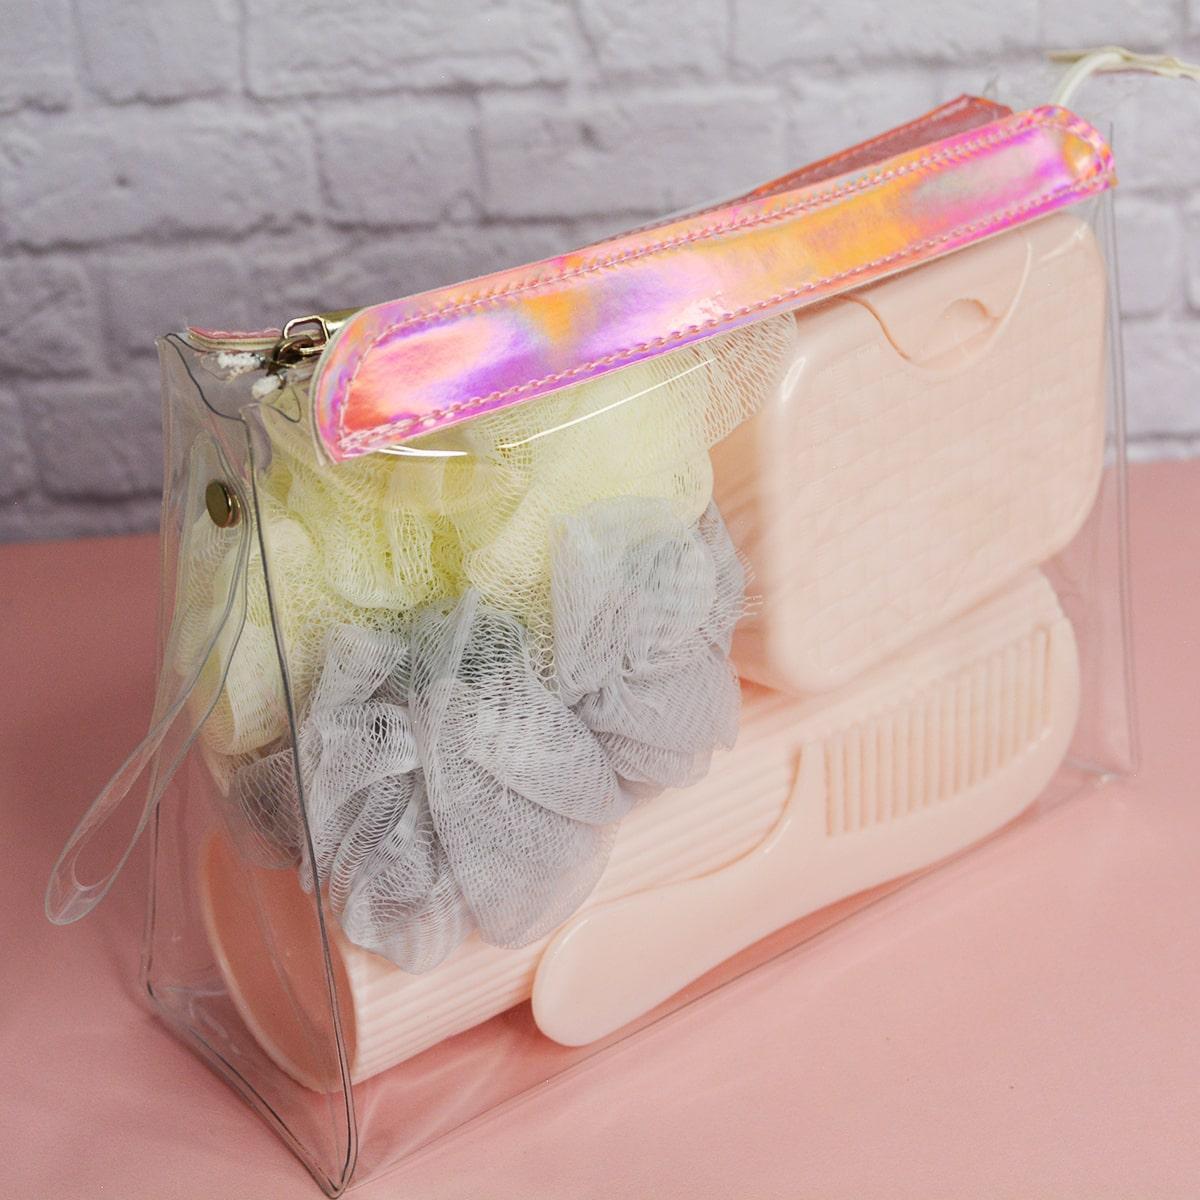 Банный дорожный набор 5 предметов (футляр для зубной щетки, вехотка, мыльница, расческа, косметичка) розовый - фото 8